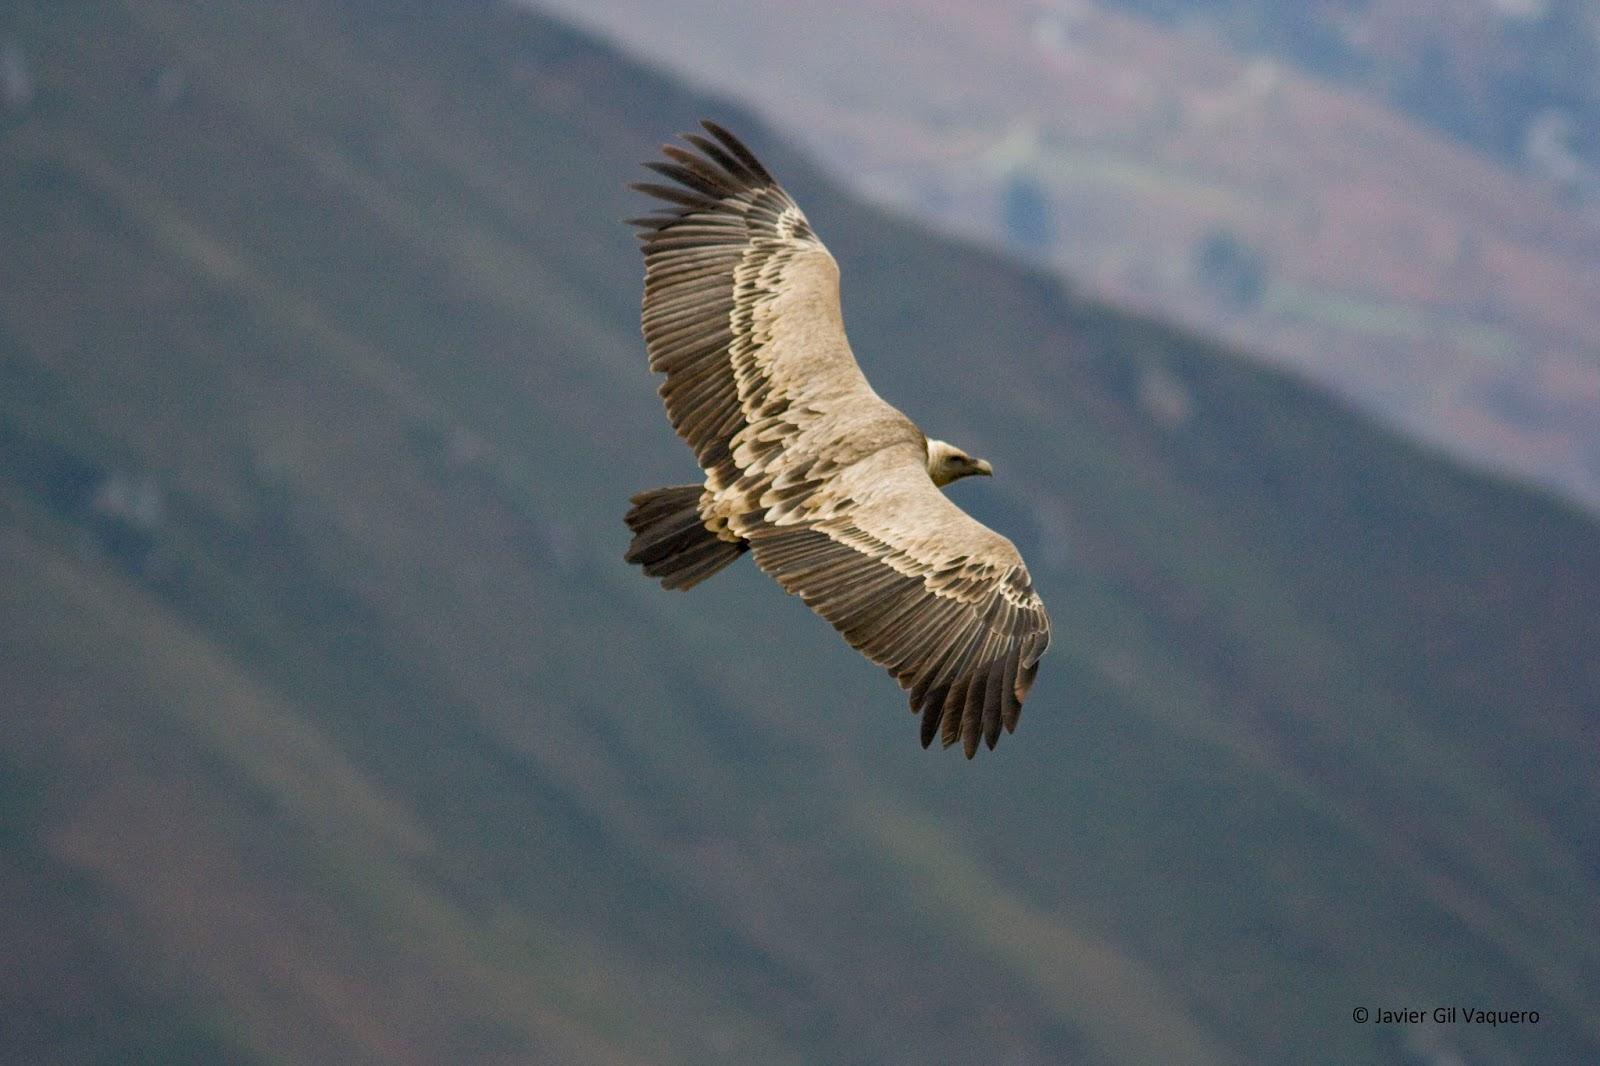 Birding Picos de Europa: TRIP 1. VULTURES AND EAGLES